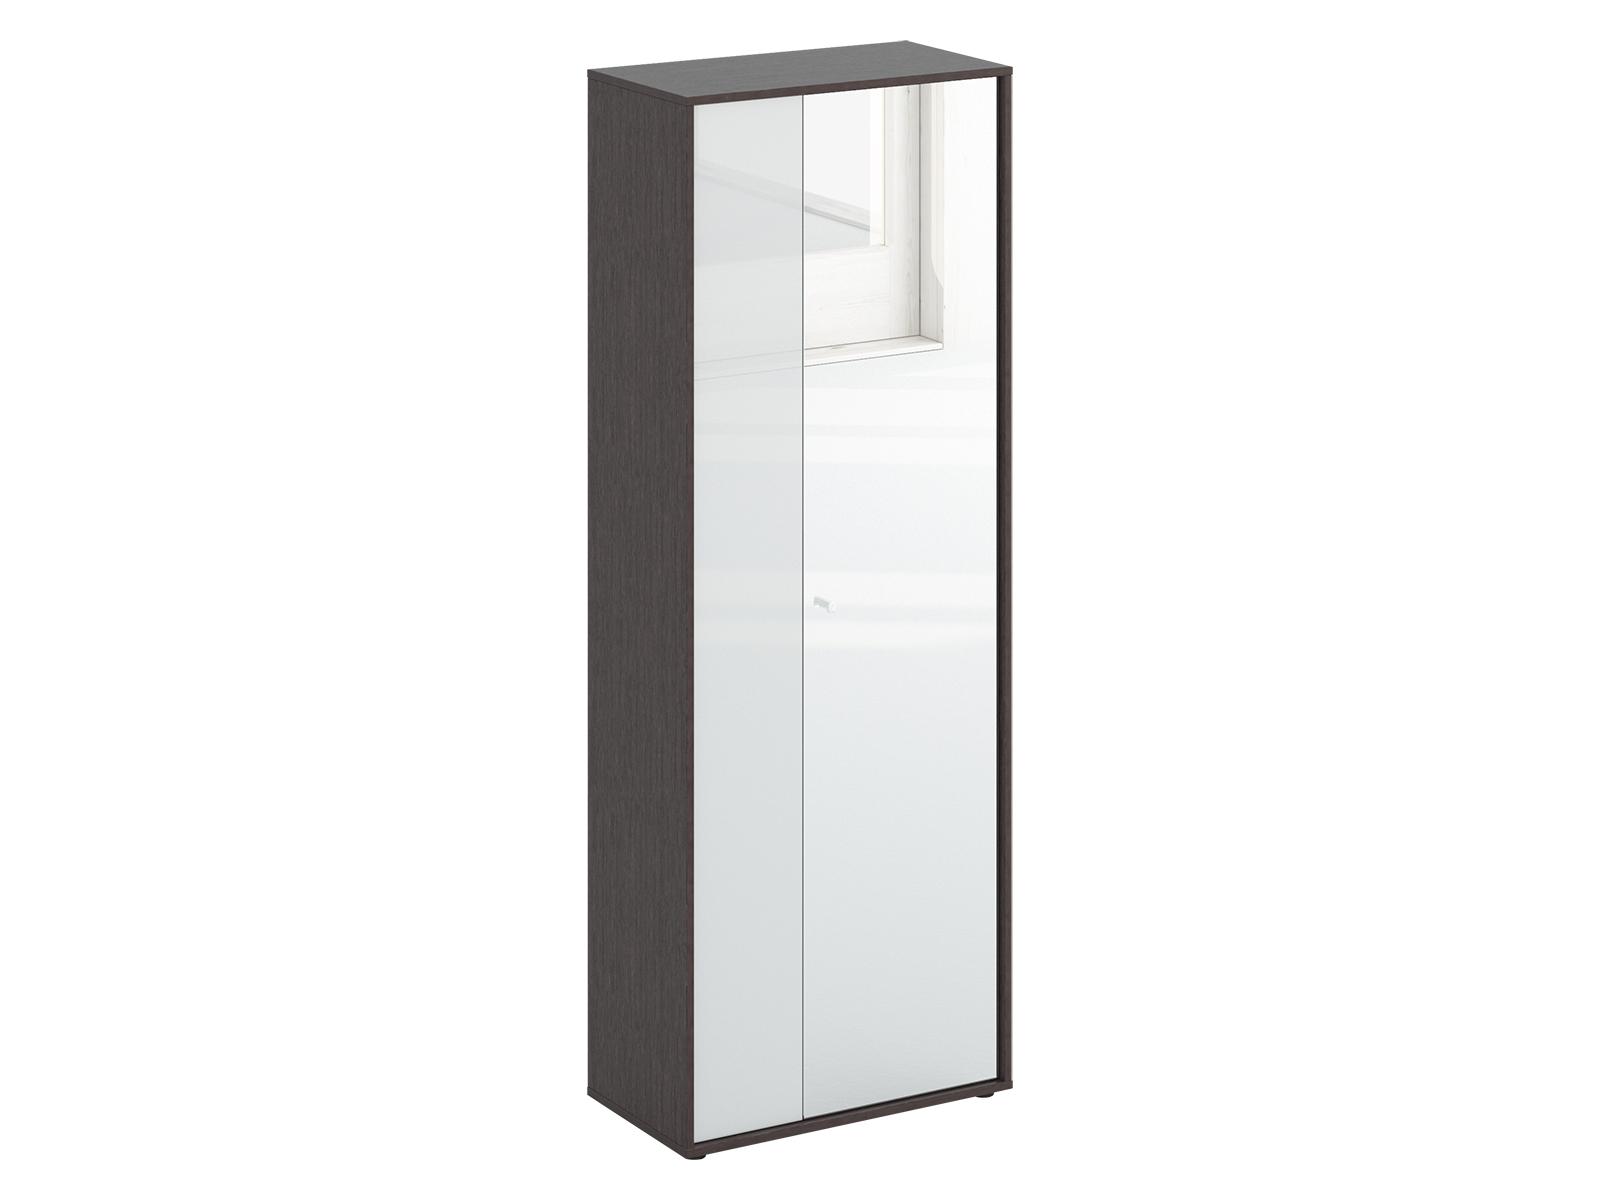 Шкаф двухдверный LatteШкафы и вешалки<br>Шкаф двухстворчатый. Наполнение шкафа: выдвижная штанга для одежды и две полки. Узкая дверь декорирована окрашенным стеклом, на широкую дверь – наклеено зеркало. Двери можно менять местами. Шкаф крепится к стене.<br>